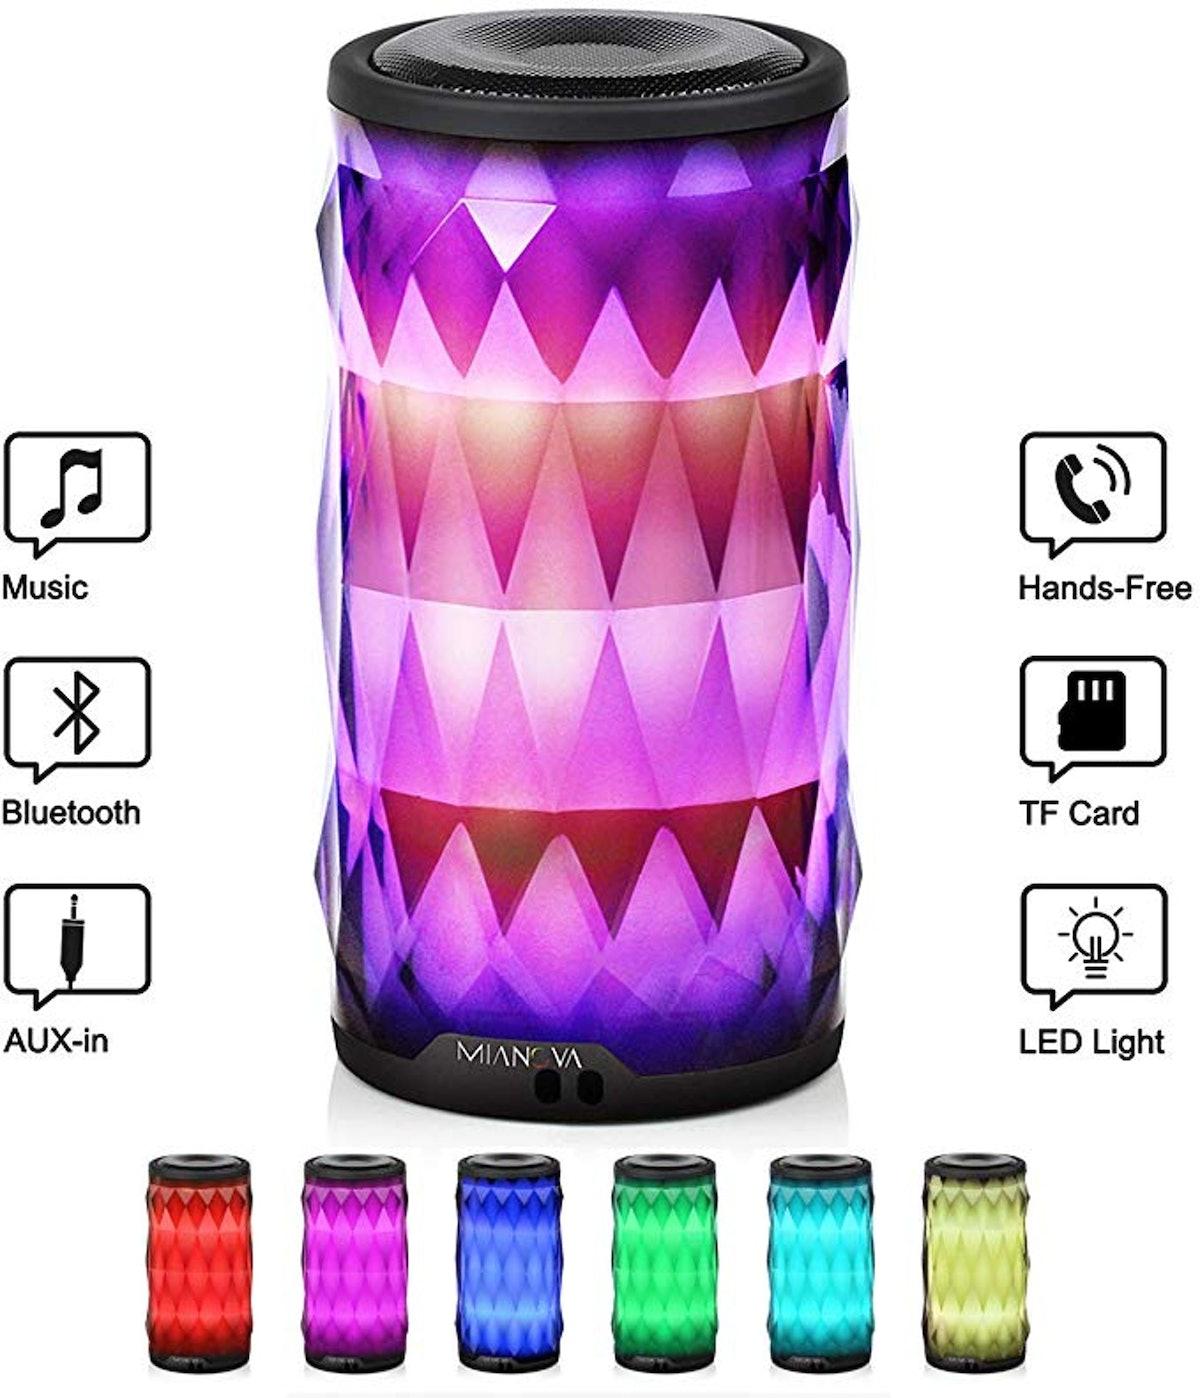 UD LED Bluetooth Speaker